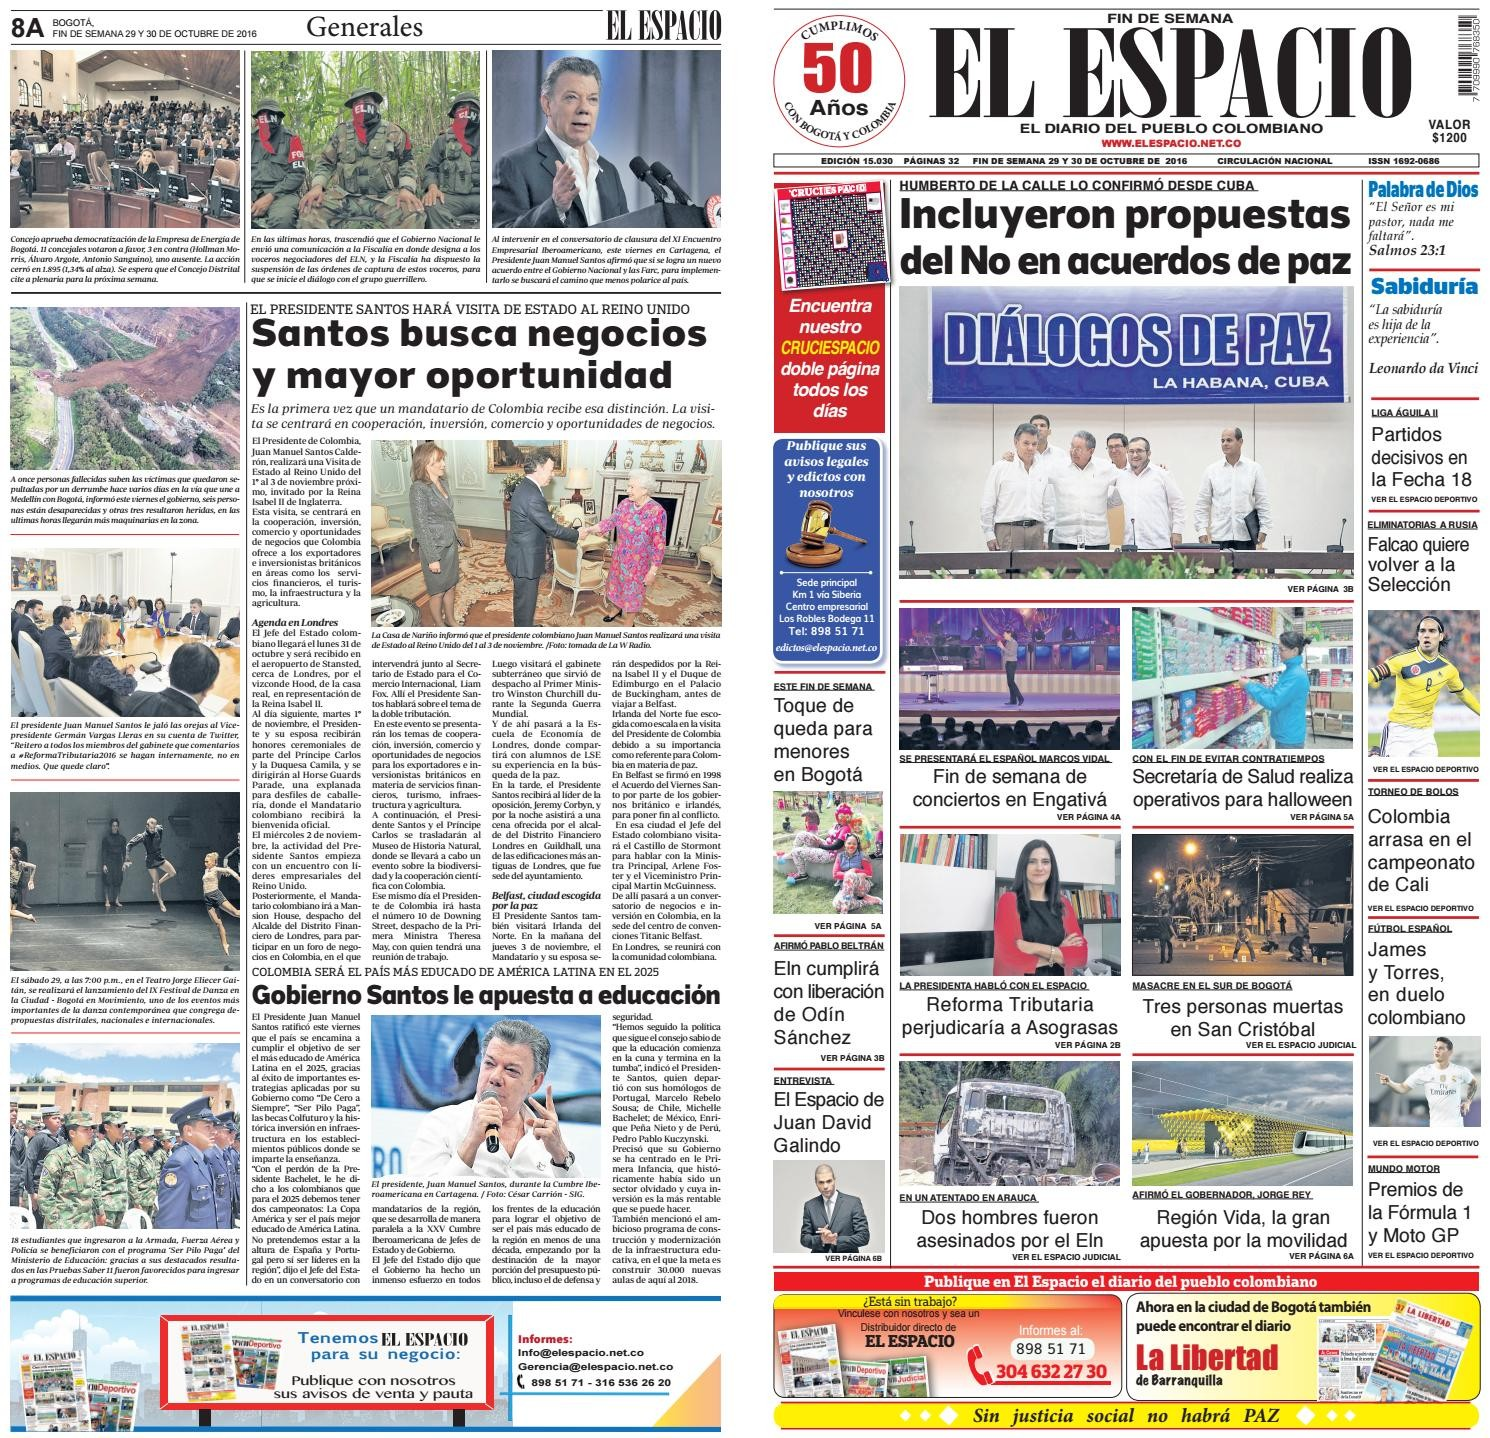 Calendario De Carnavales 2019 En Panama Más Caliente Diario El Espacio by Diario El Espacio issuu